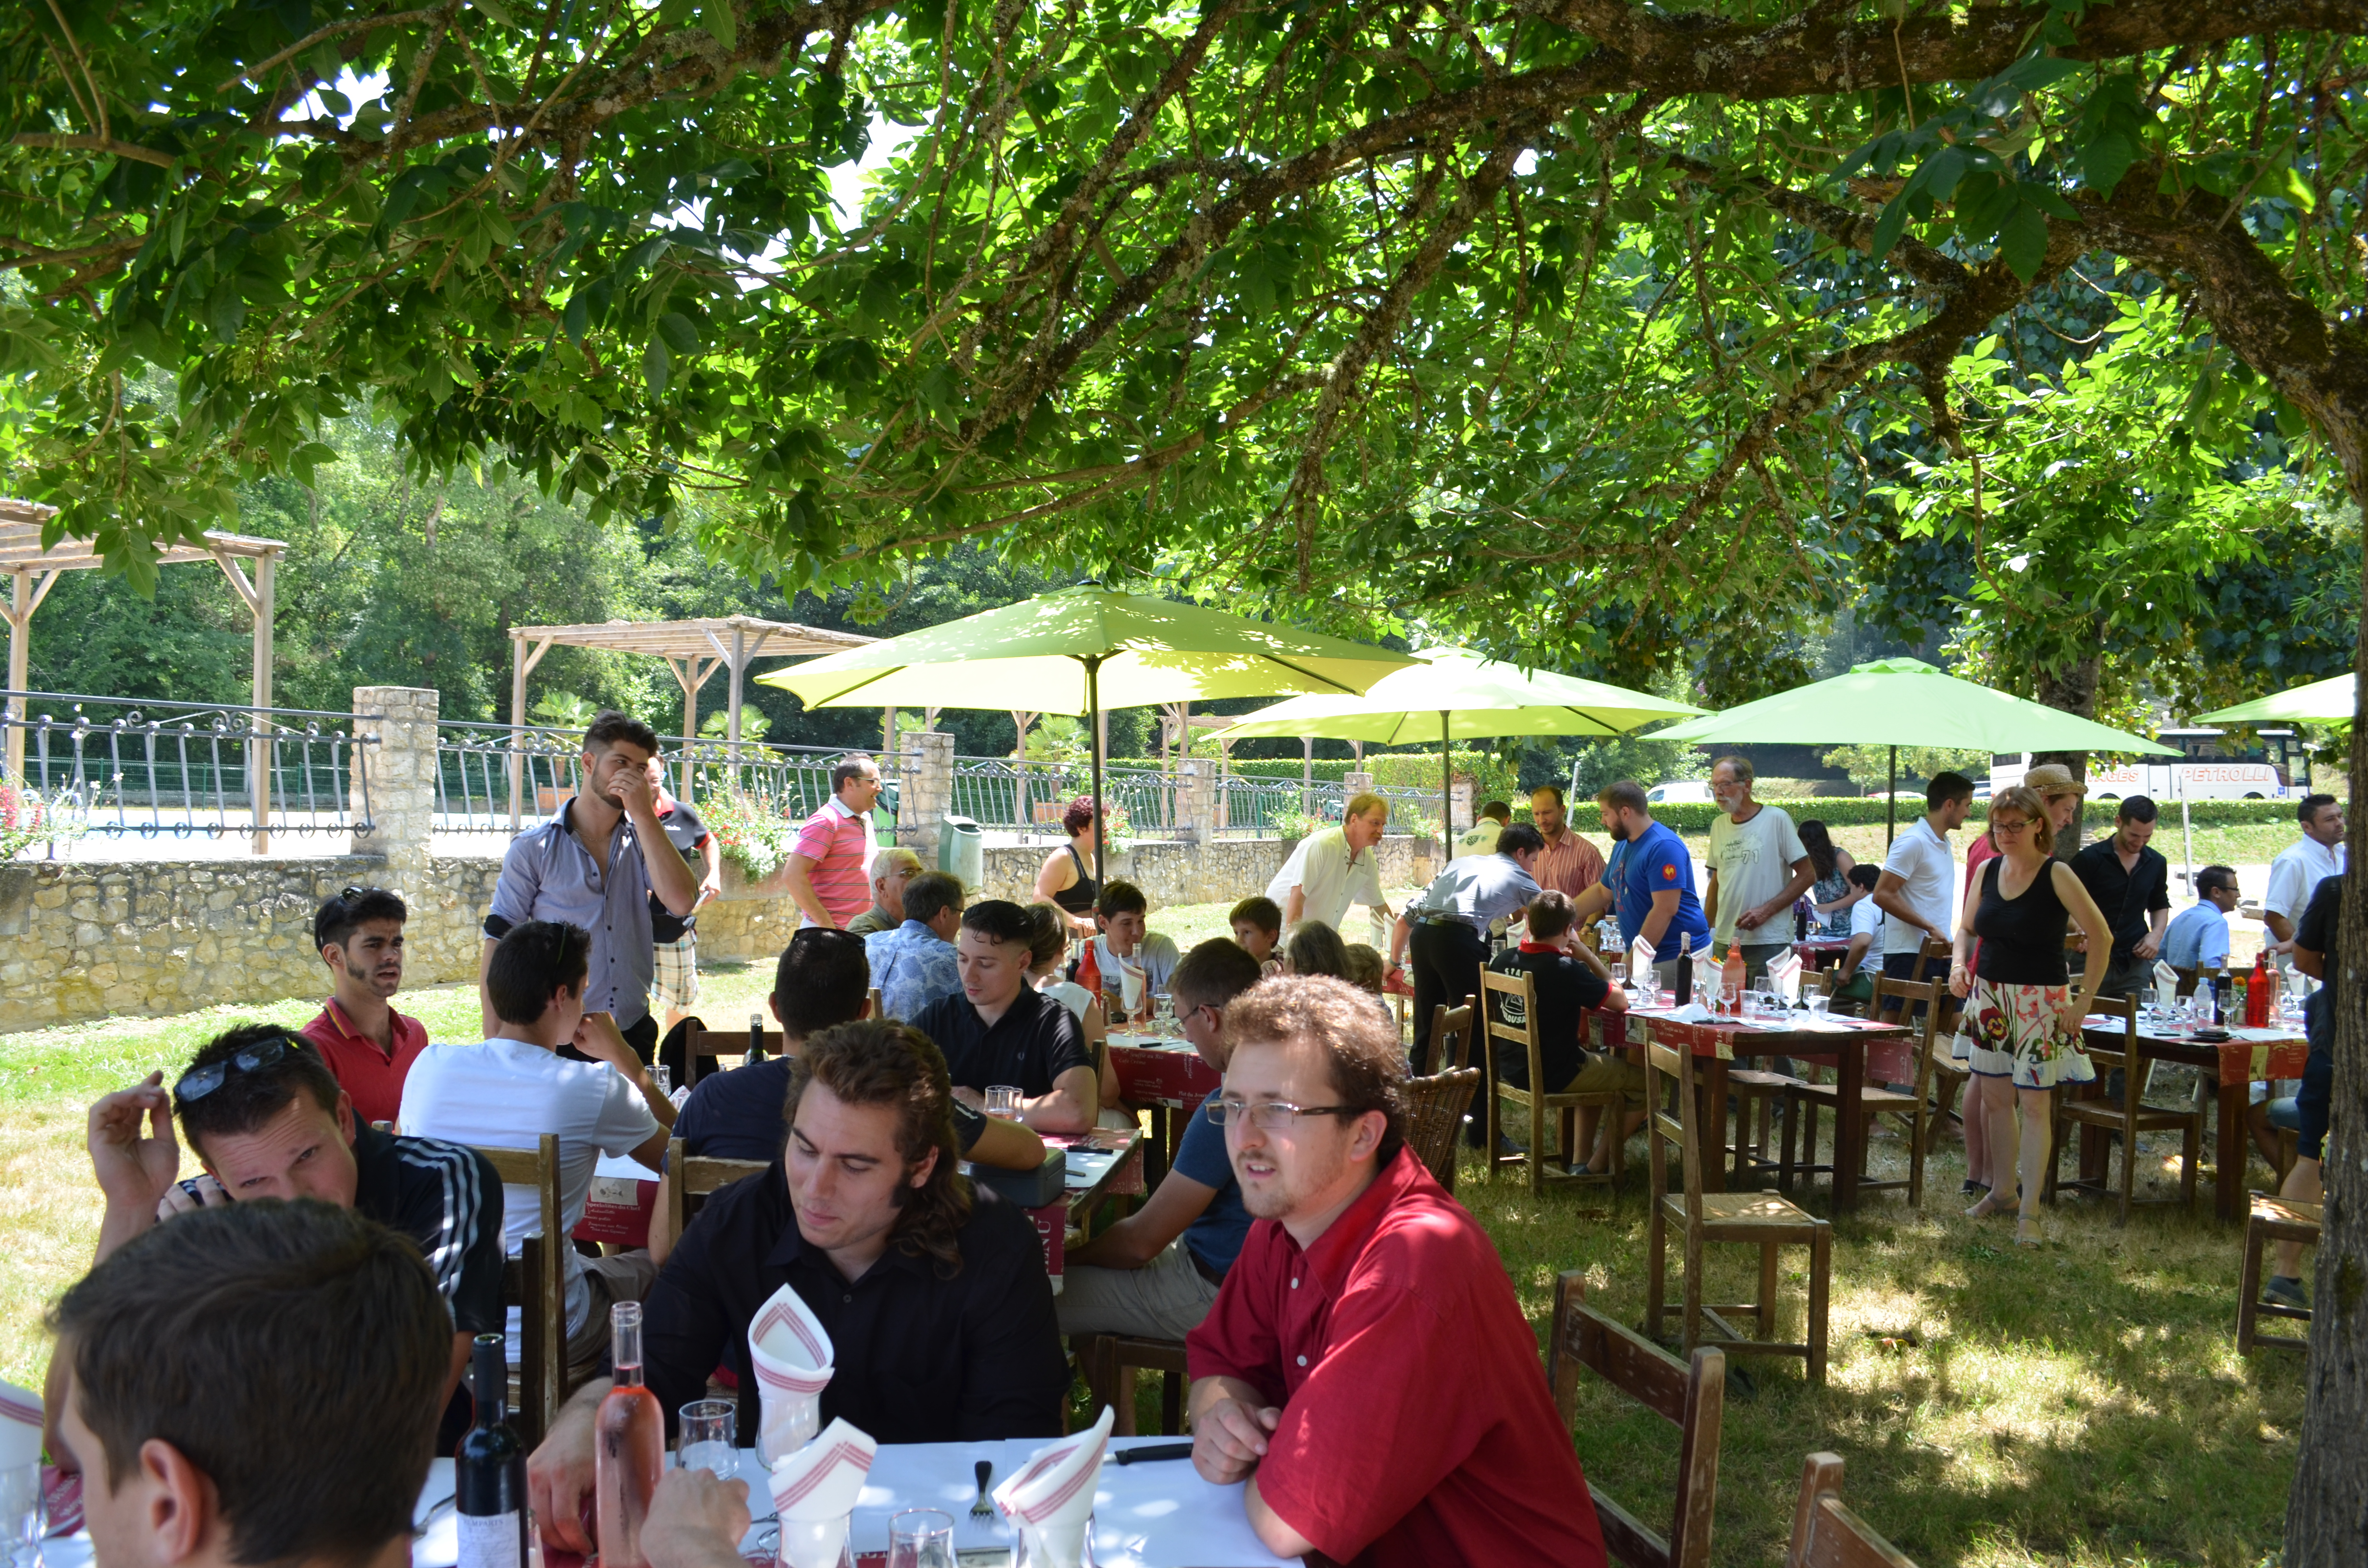 Agréable de manger a l'ombre des arbres au pied de la piscine d'Eauze